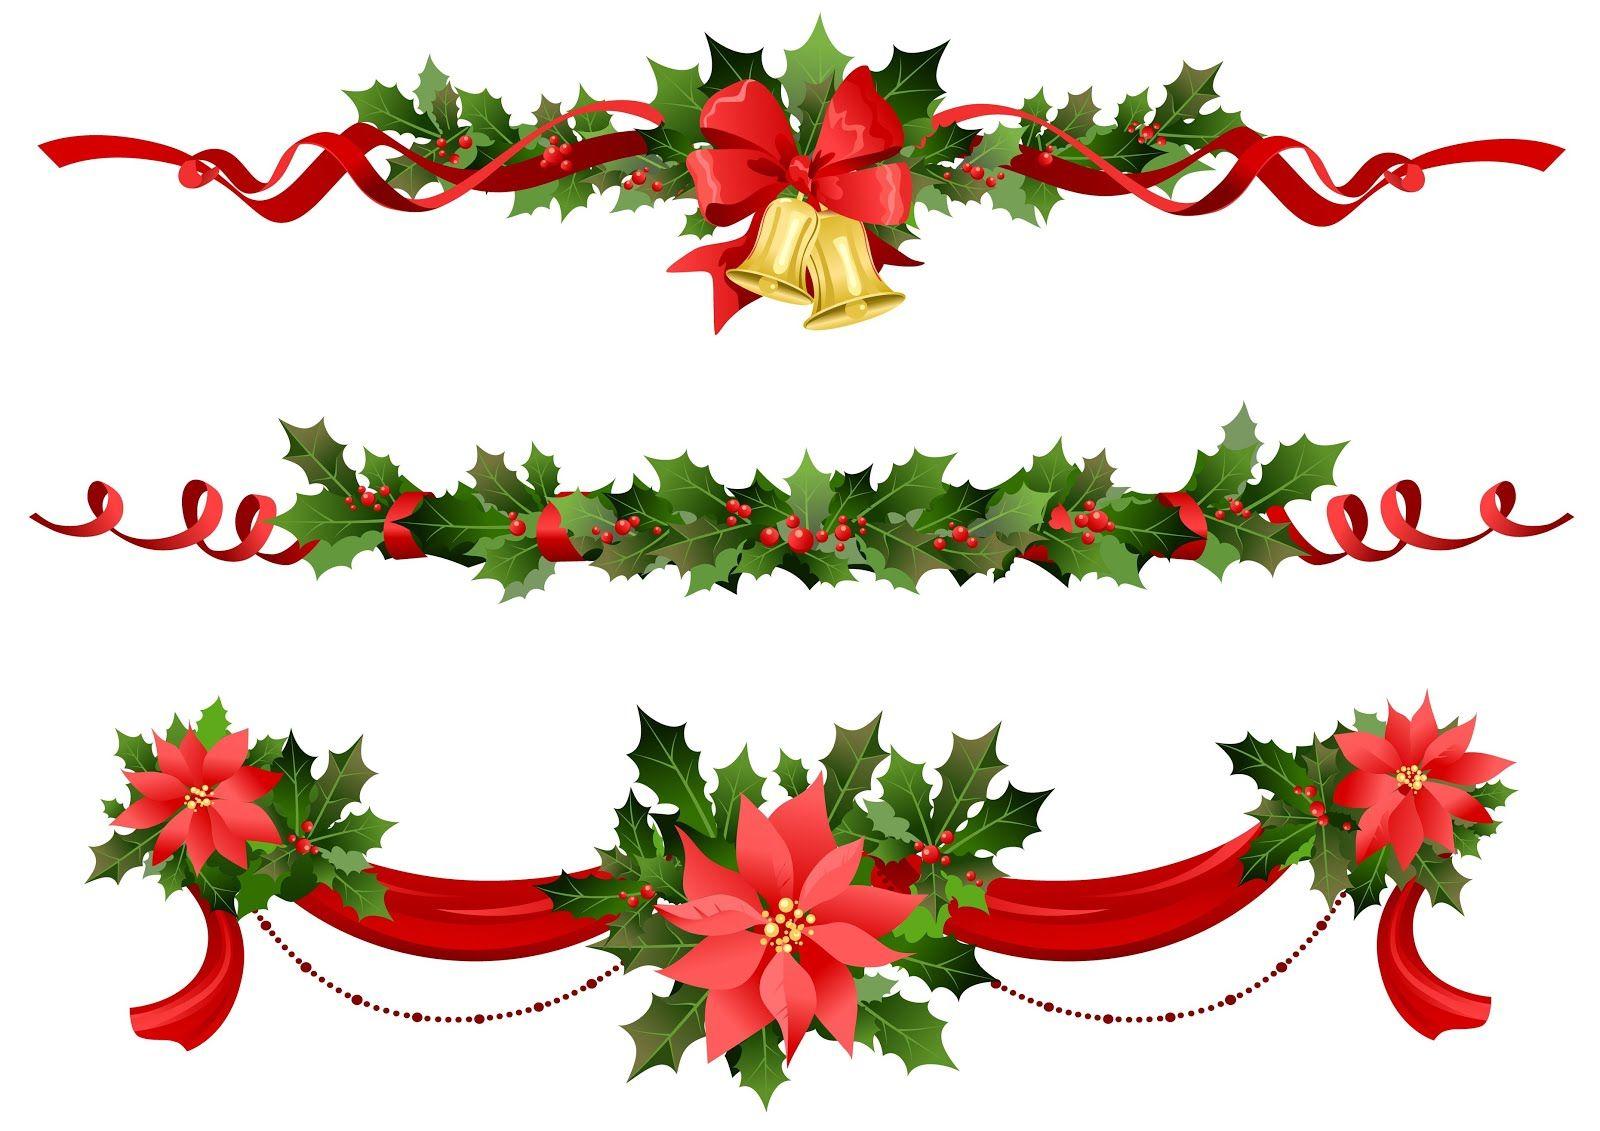 banco de imagenes adornos como guirnaldas o nochebuenas para decorar tarjetas o postales de navidad - Guirnalda De Navidad